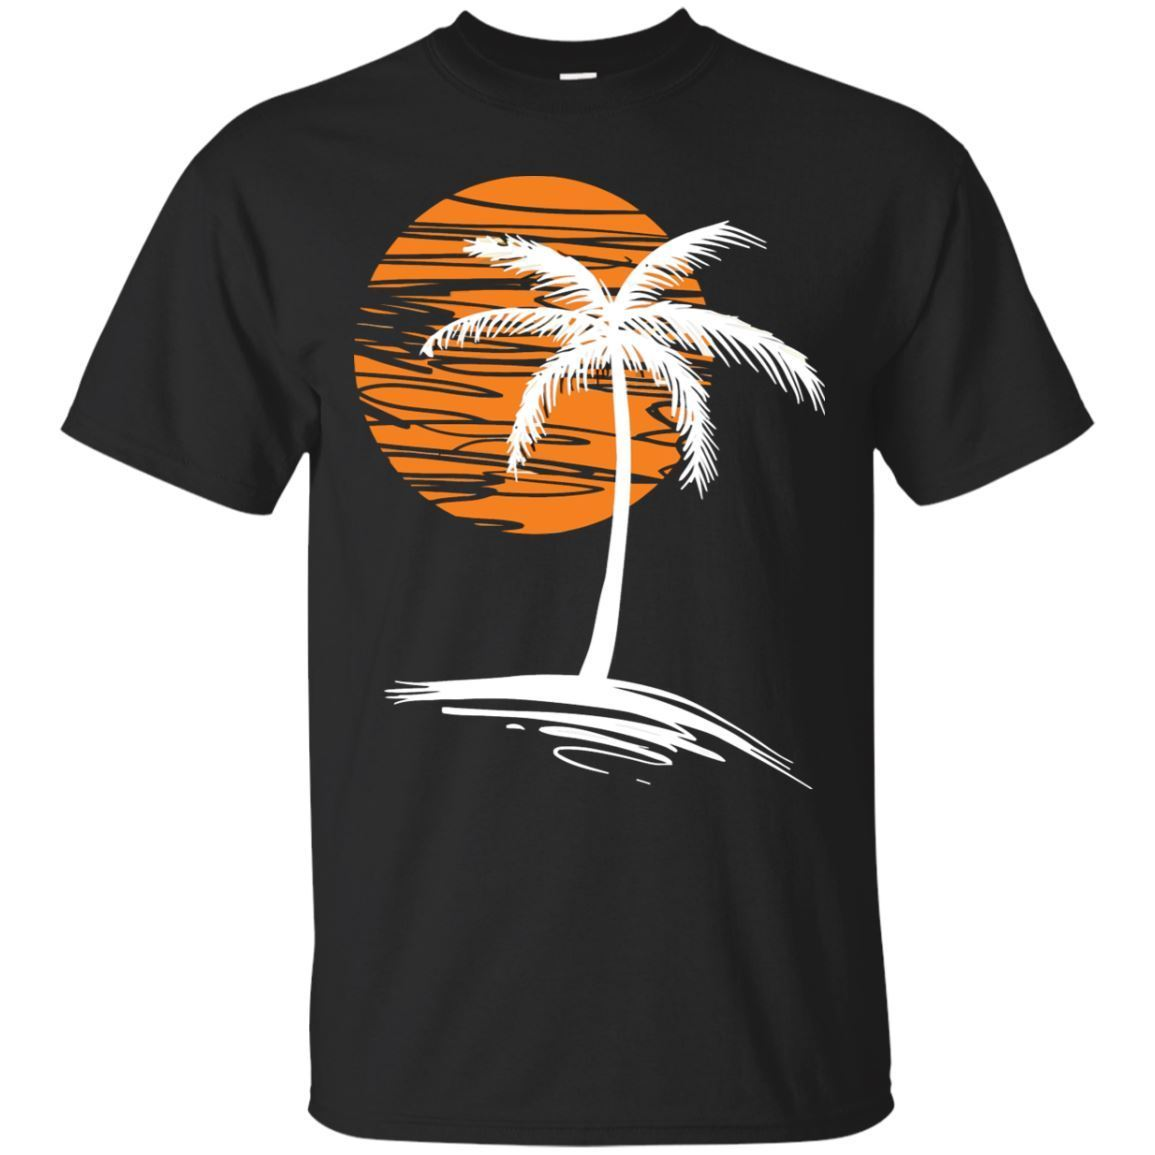 Palma puesta de sol árbol-Outrun Synthwave nueva Retro ola camiseta-negro, camiseta de la Marina Cool Casual pride camiseta hombres Unisex moda